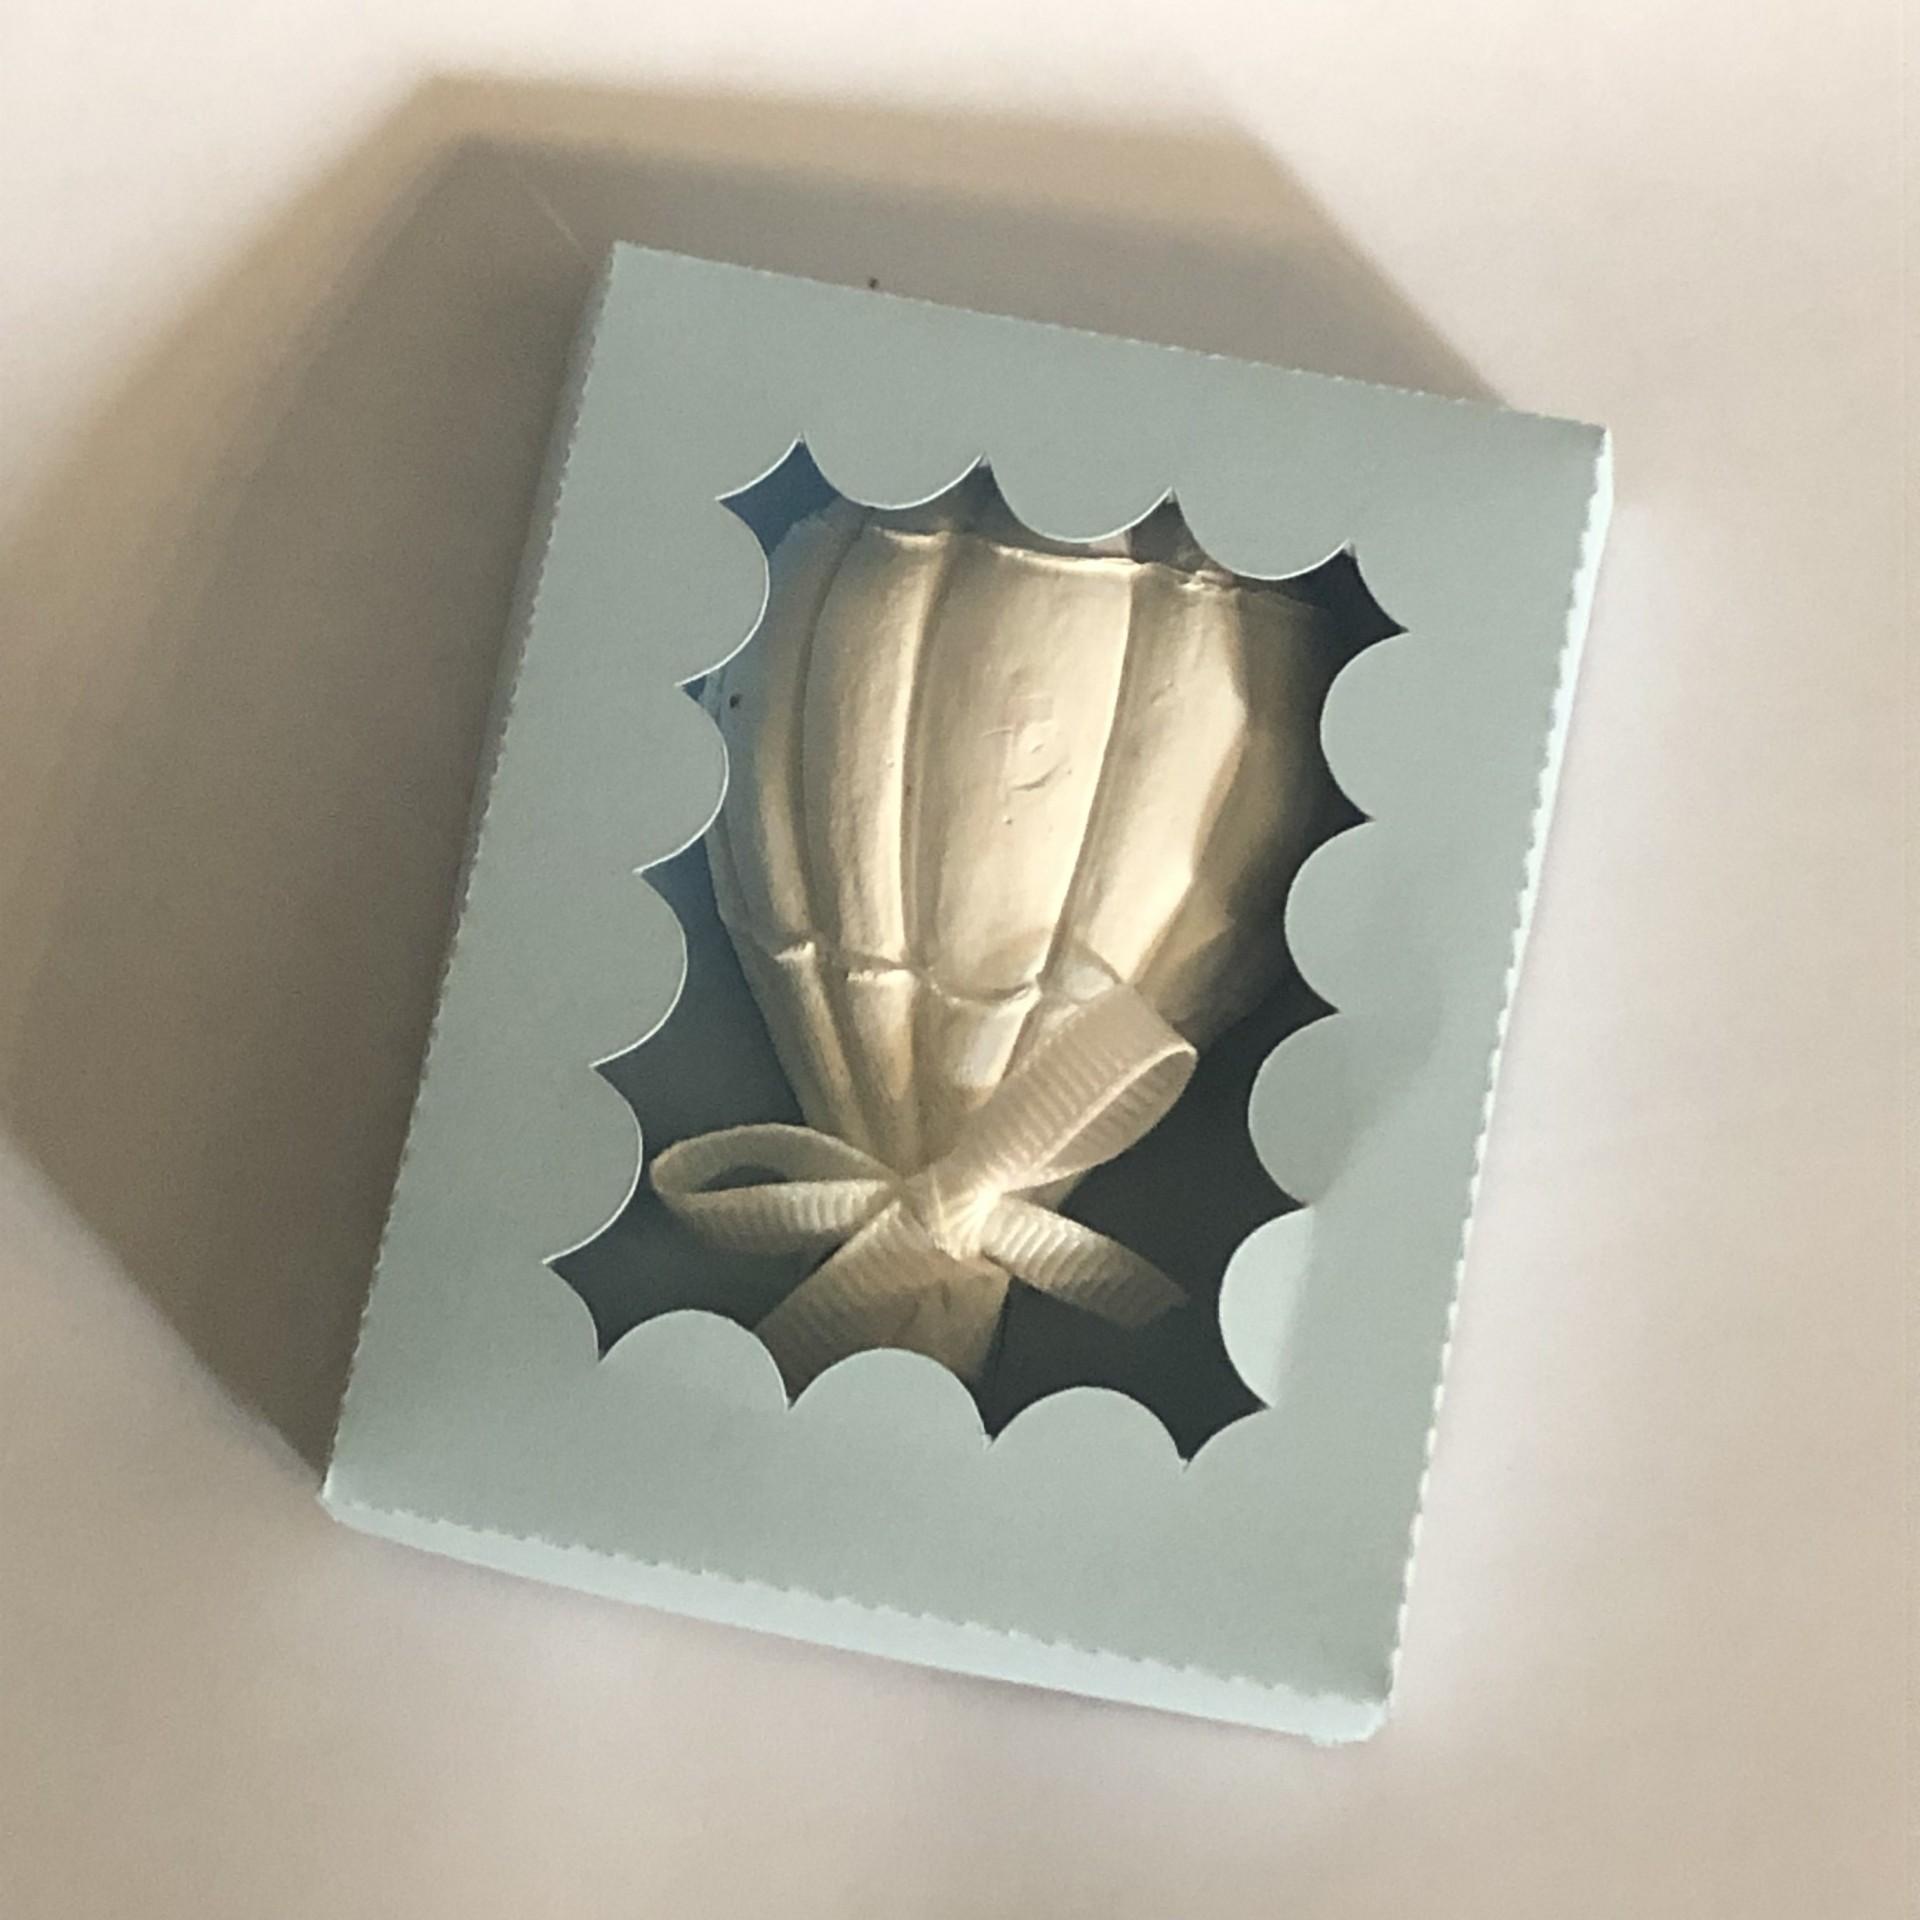 Balão de Ar quente em gesso perfumado com caixa de papel